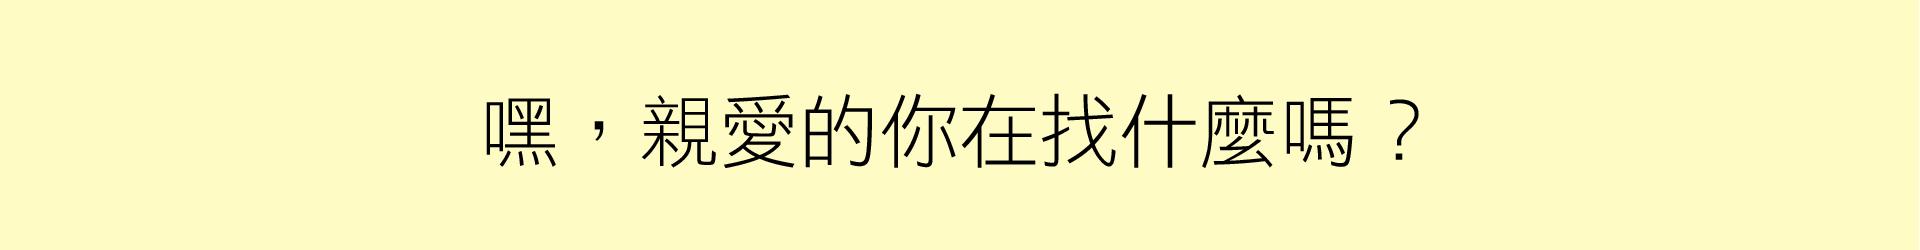 嘿,親愛的你在找什麼嗎?Dr.情趣 台灣第一情趣用品首選商城